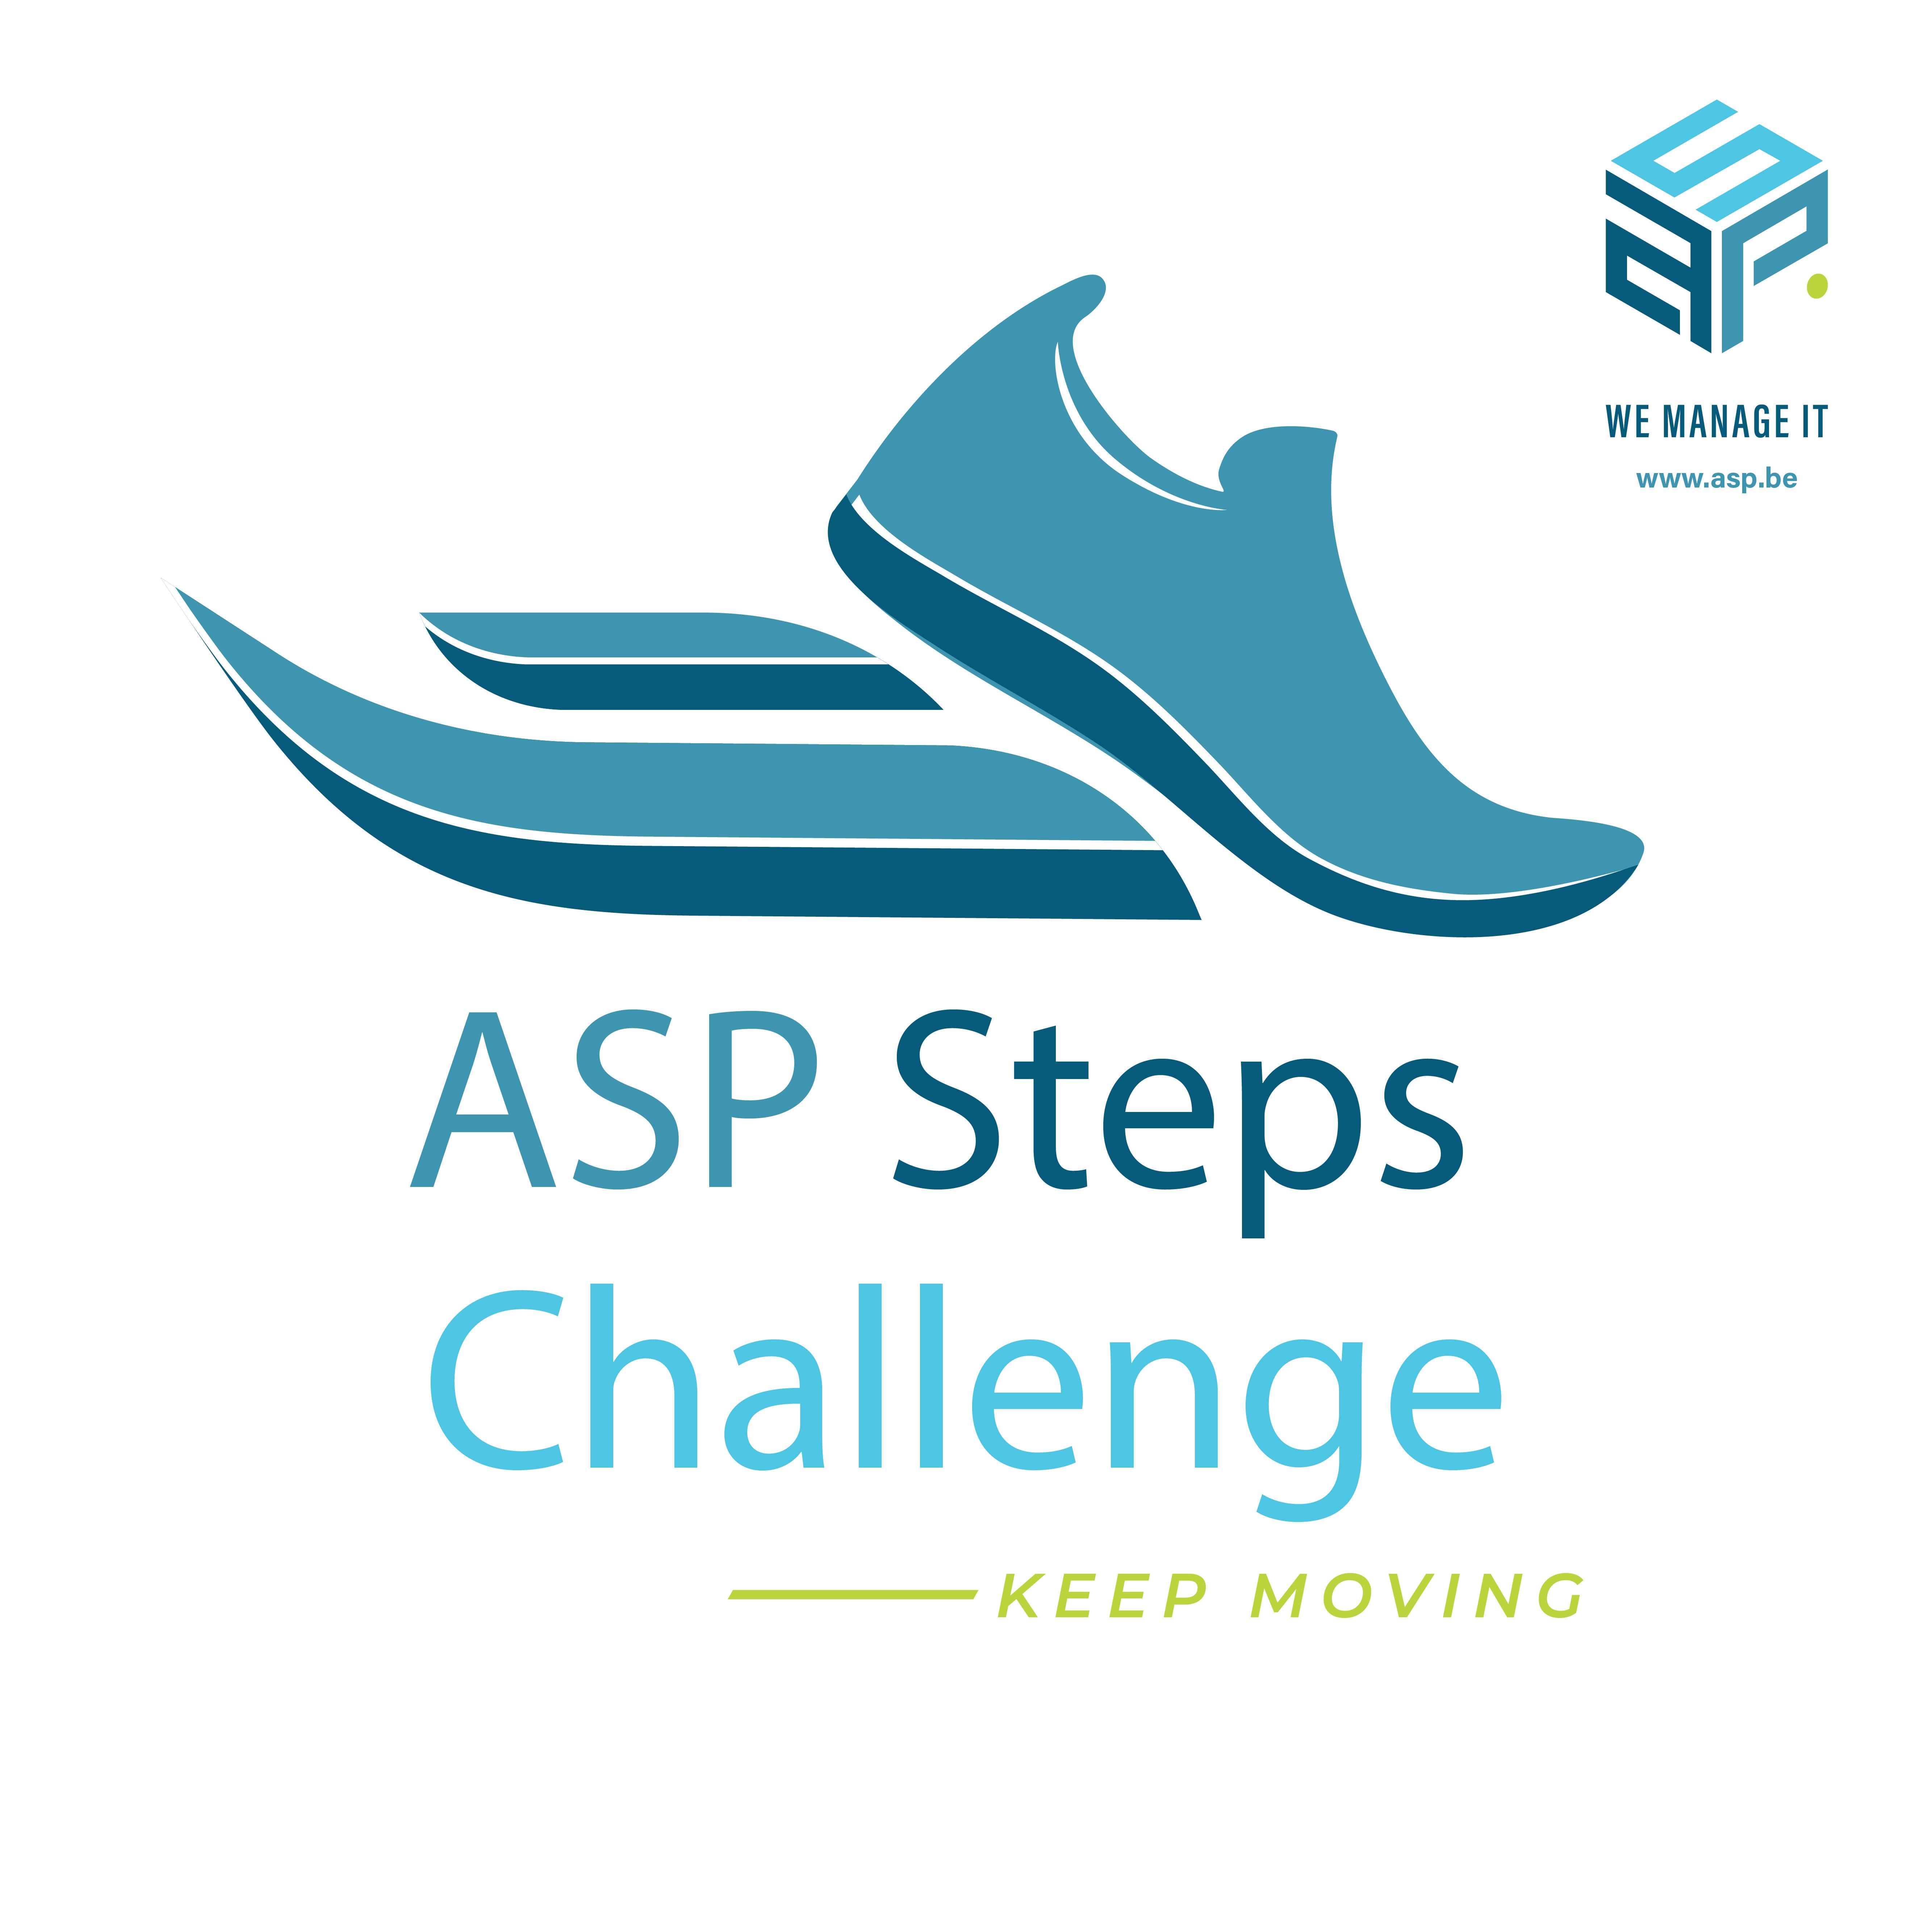 ASP Steps Challenge